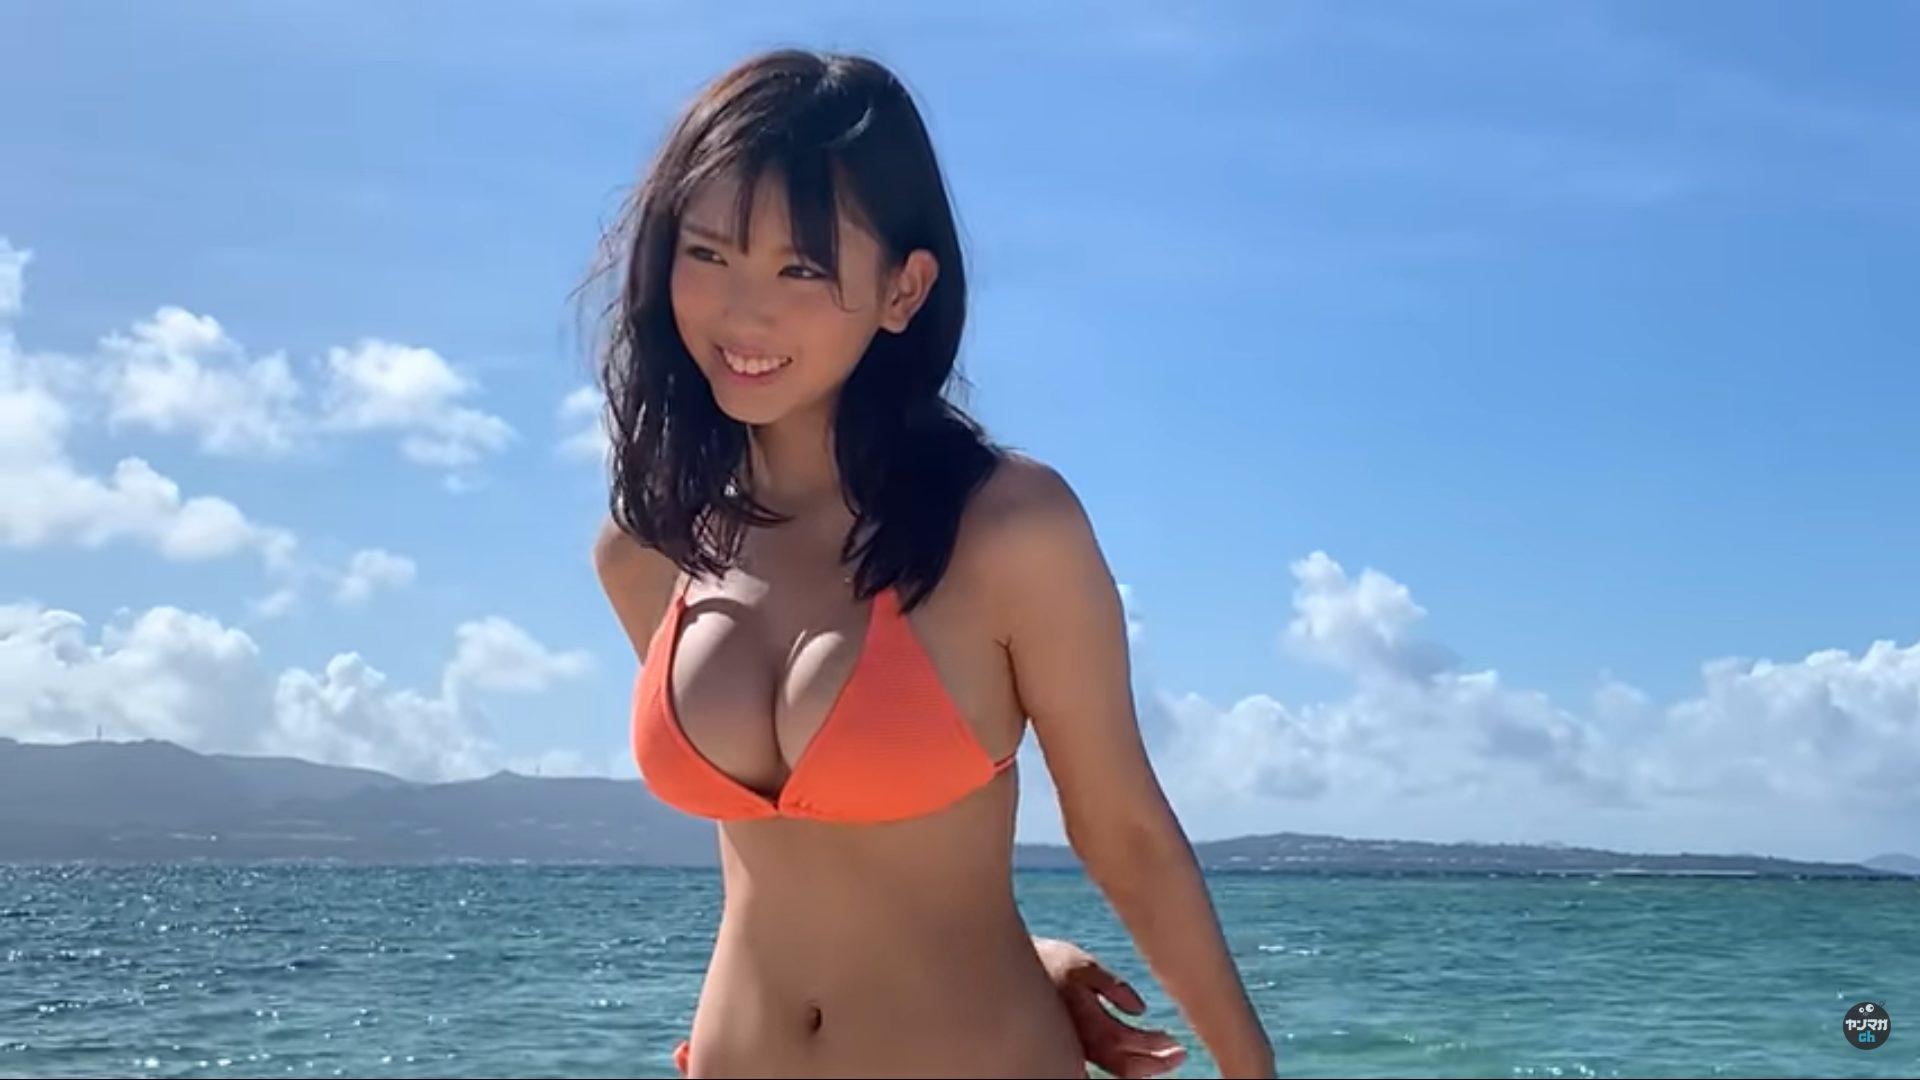 【沢口愛華】Fカップ8 ヤンマガグラビア動画!沖縄撮影!制服や水着姿を披露!